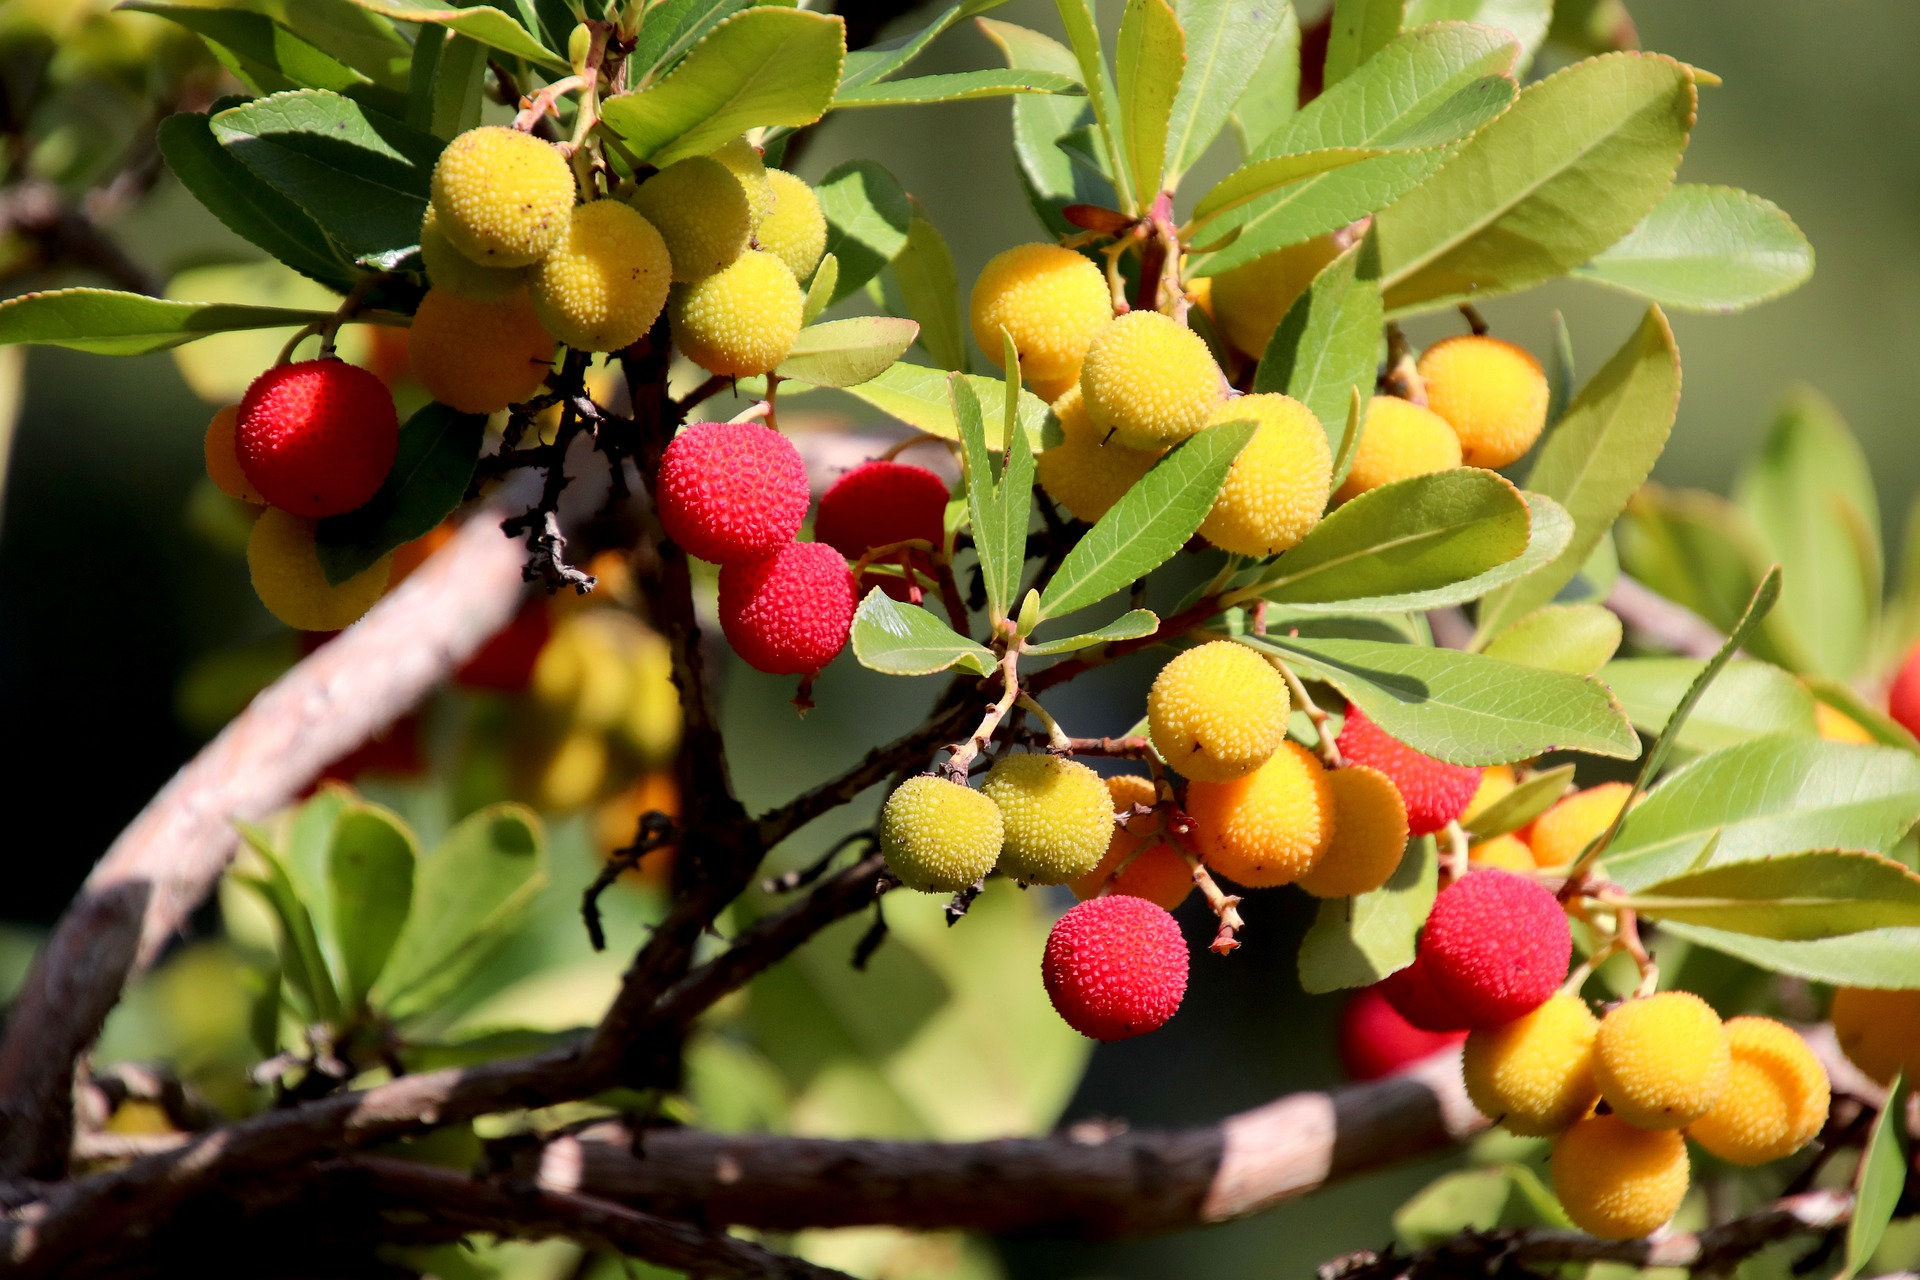 Какие полезные свойства скрывает в себе экзотический фрукт личи?